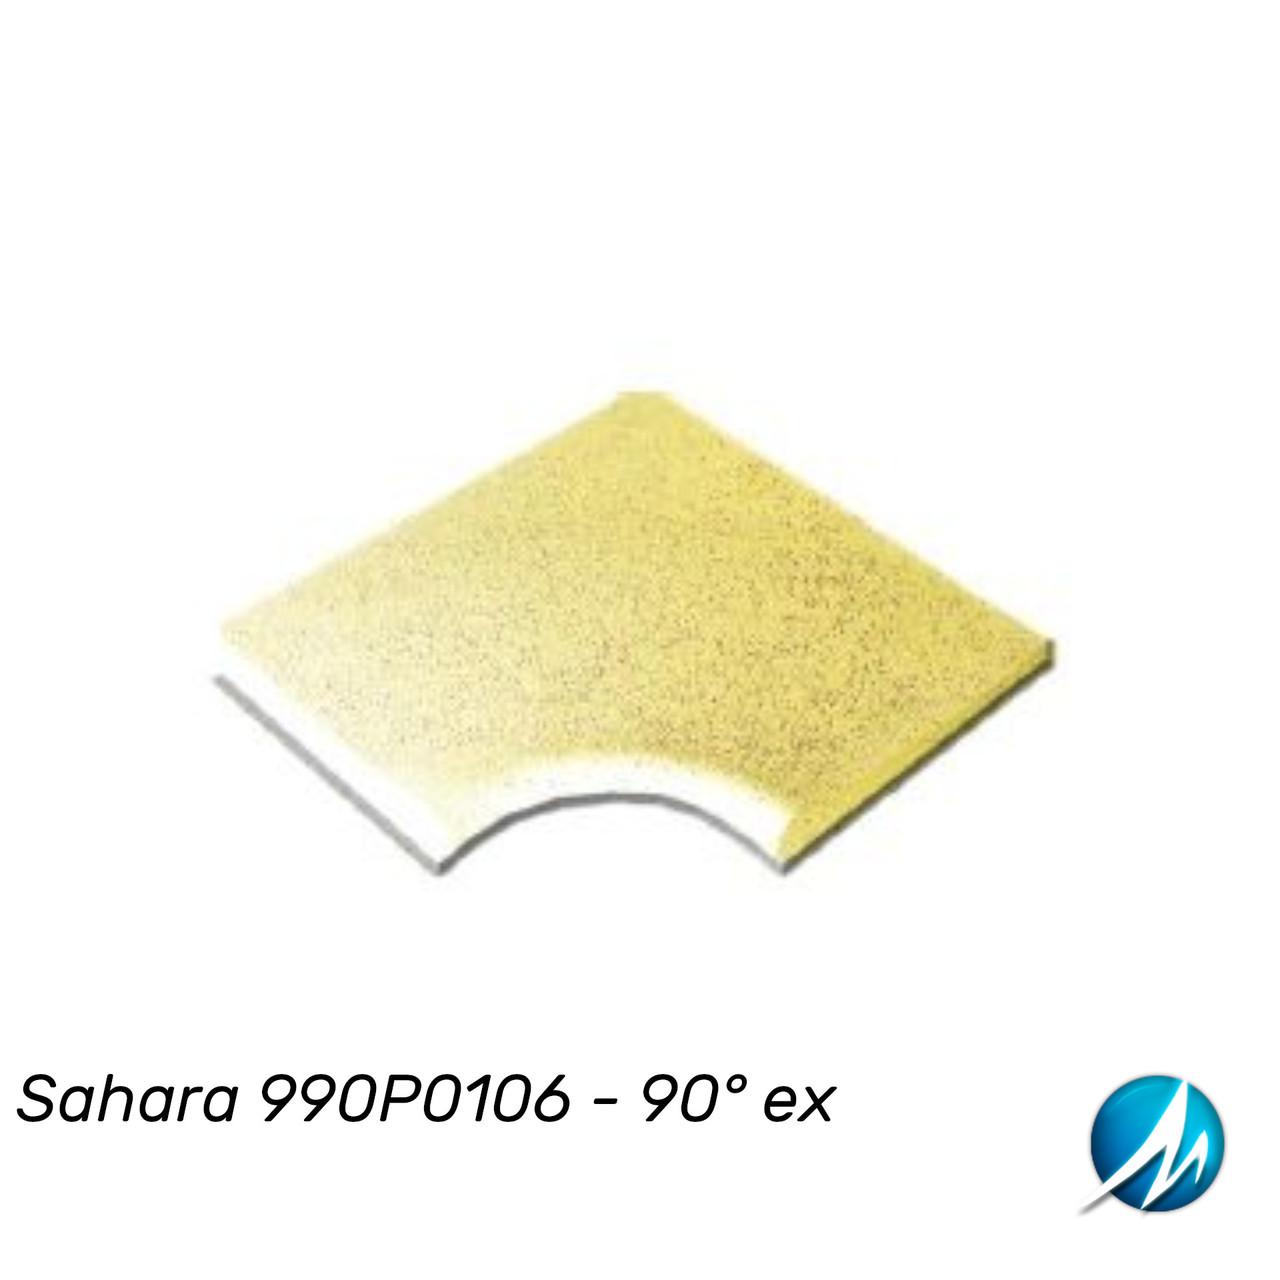 Камень угловой Sahara 990P0106 - 90° ex